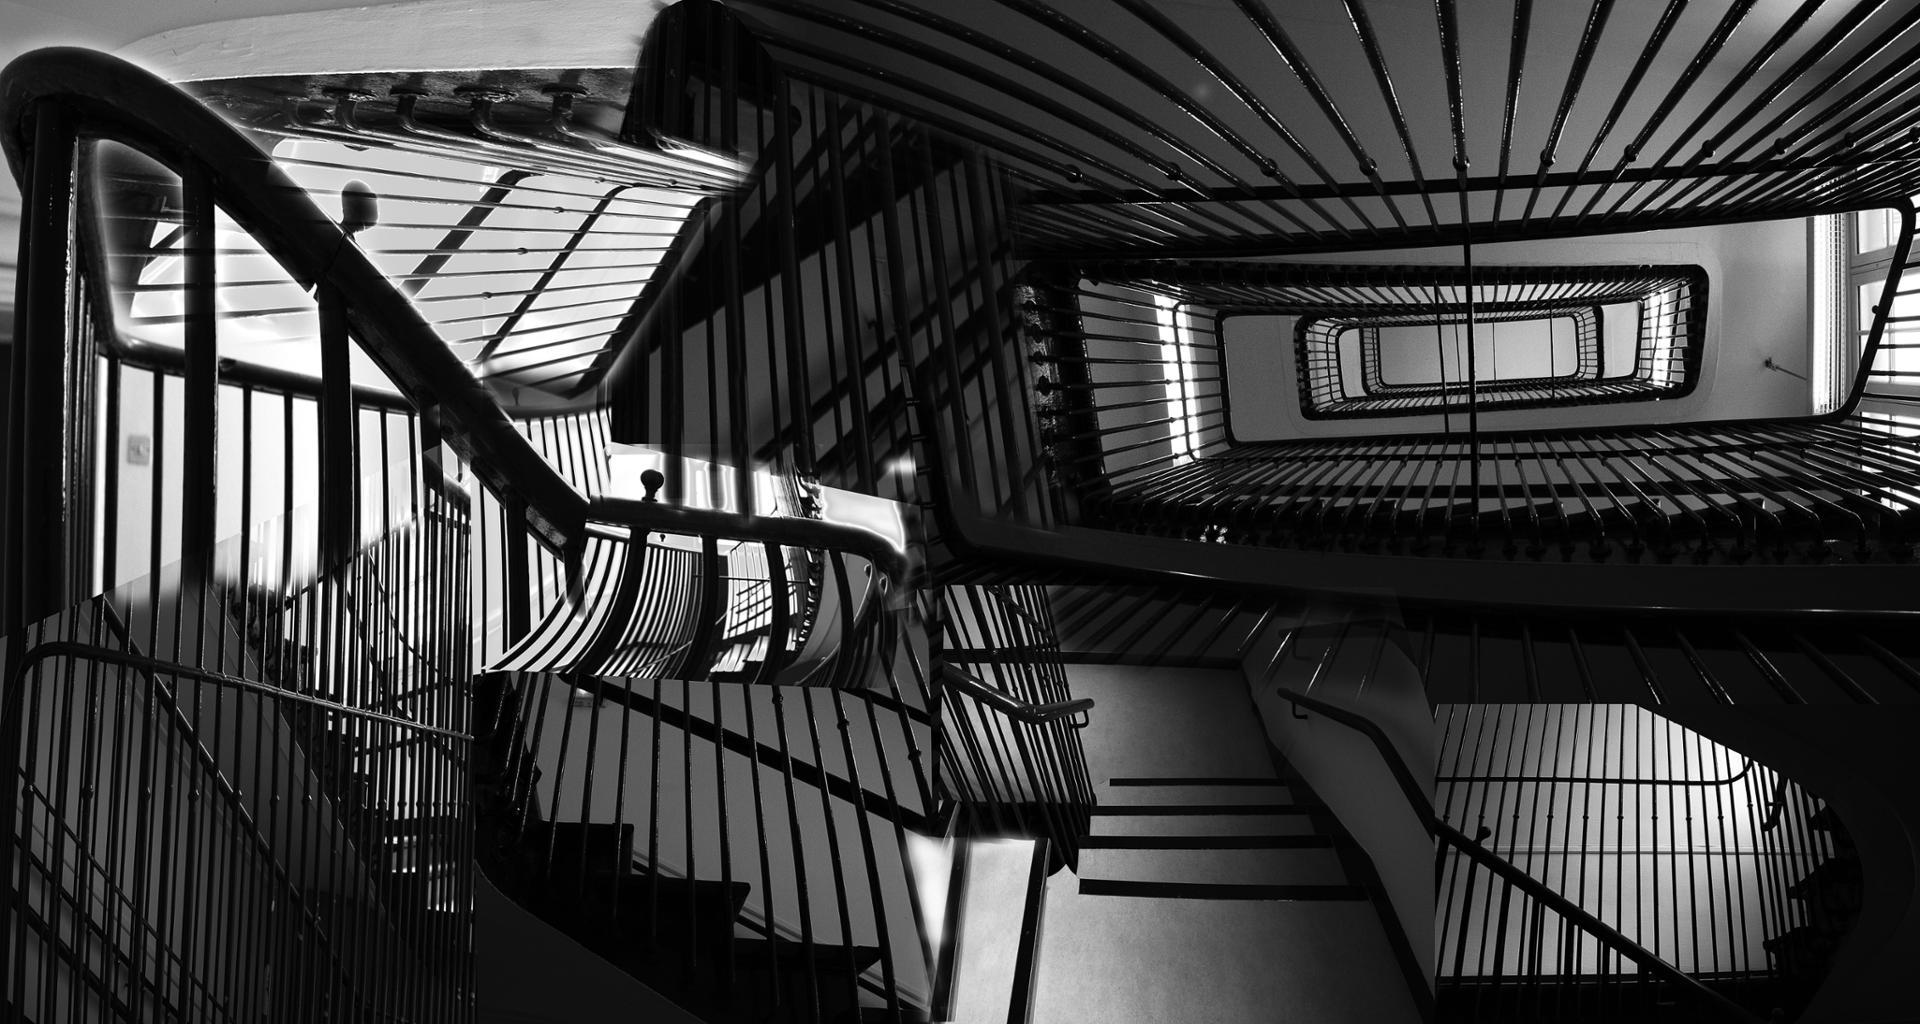 Escalier de secours.jpg